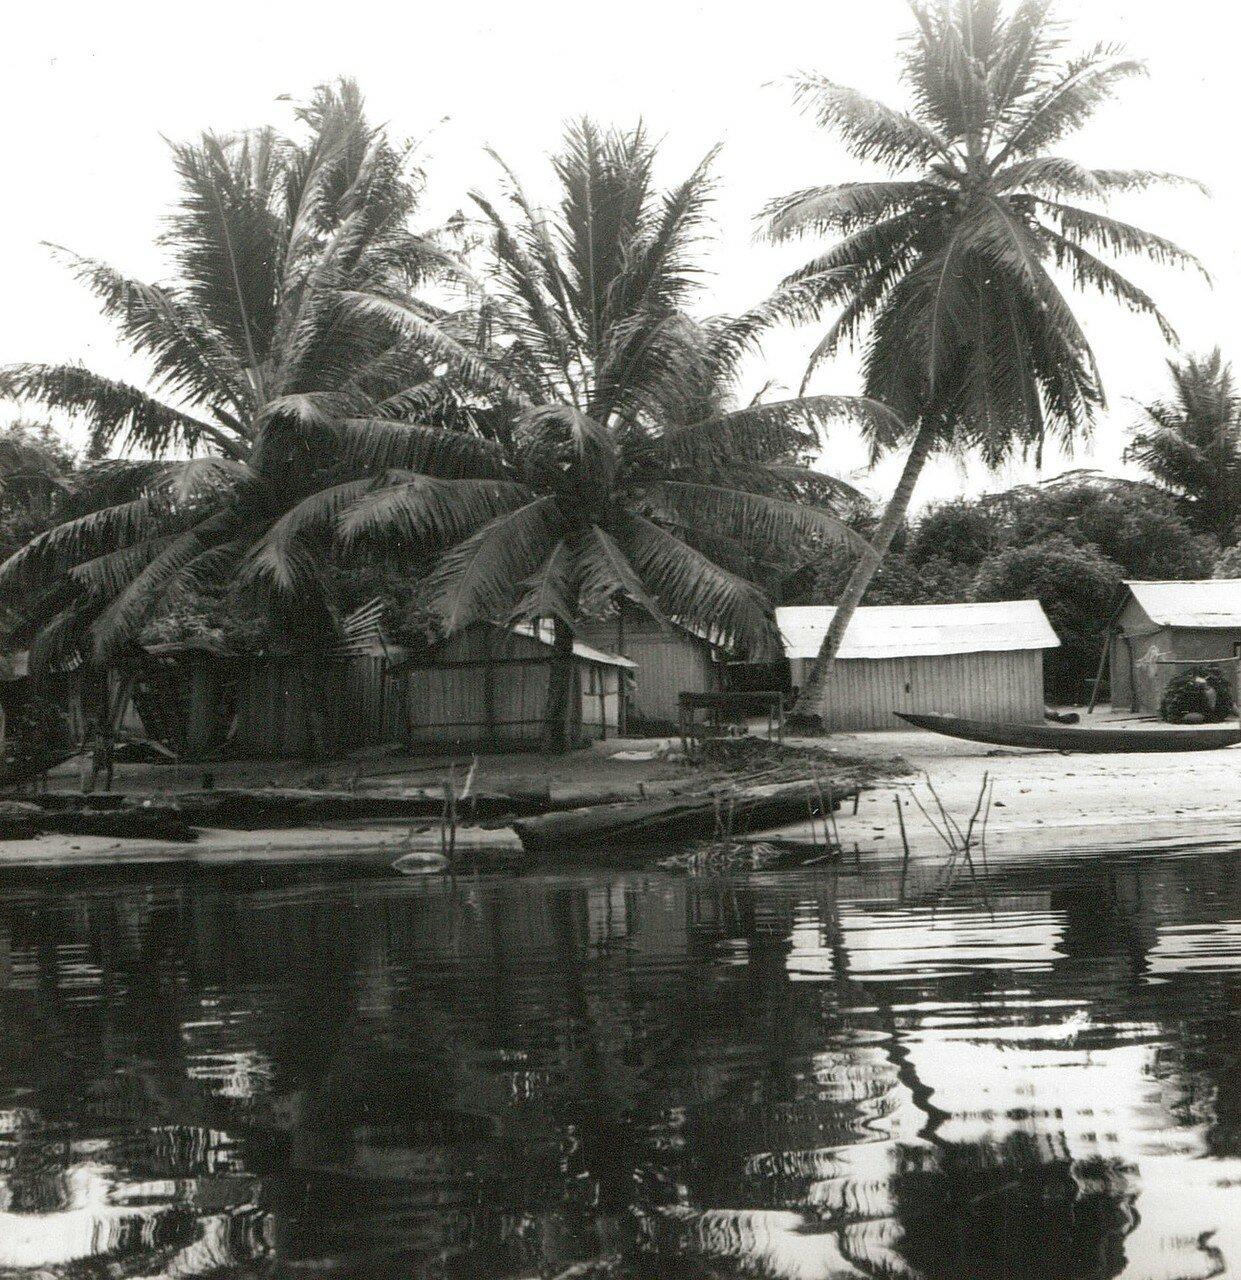 Абиджан. Остров Буле в лагуне  Эбрие. Байдарки и деревянные хижины под кокосовыми пальми